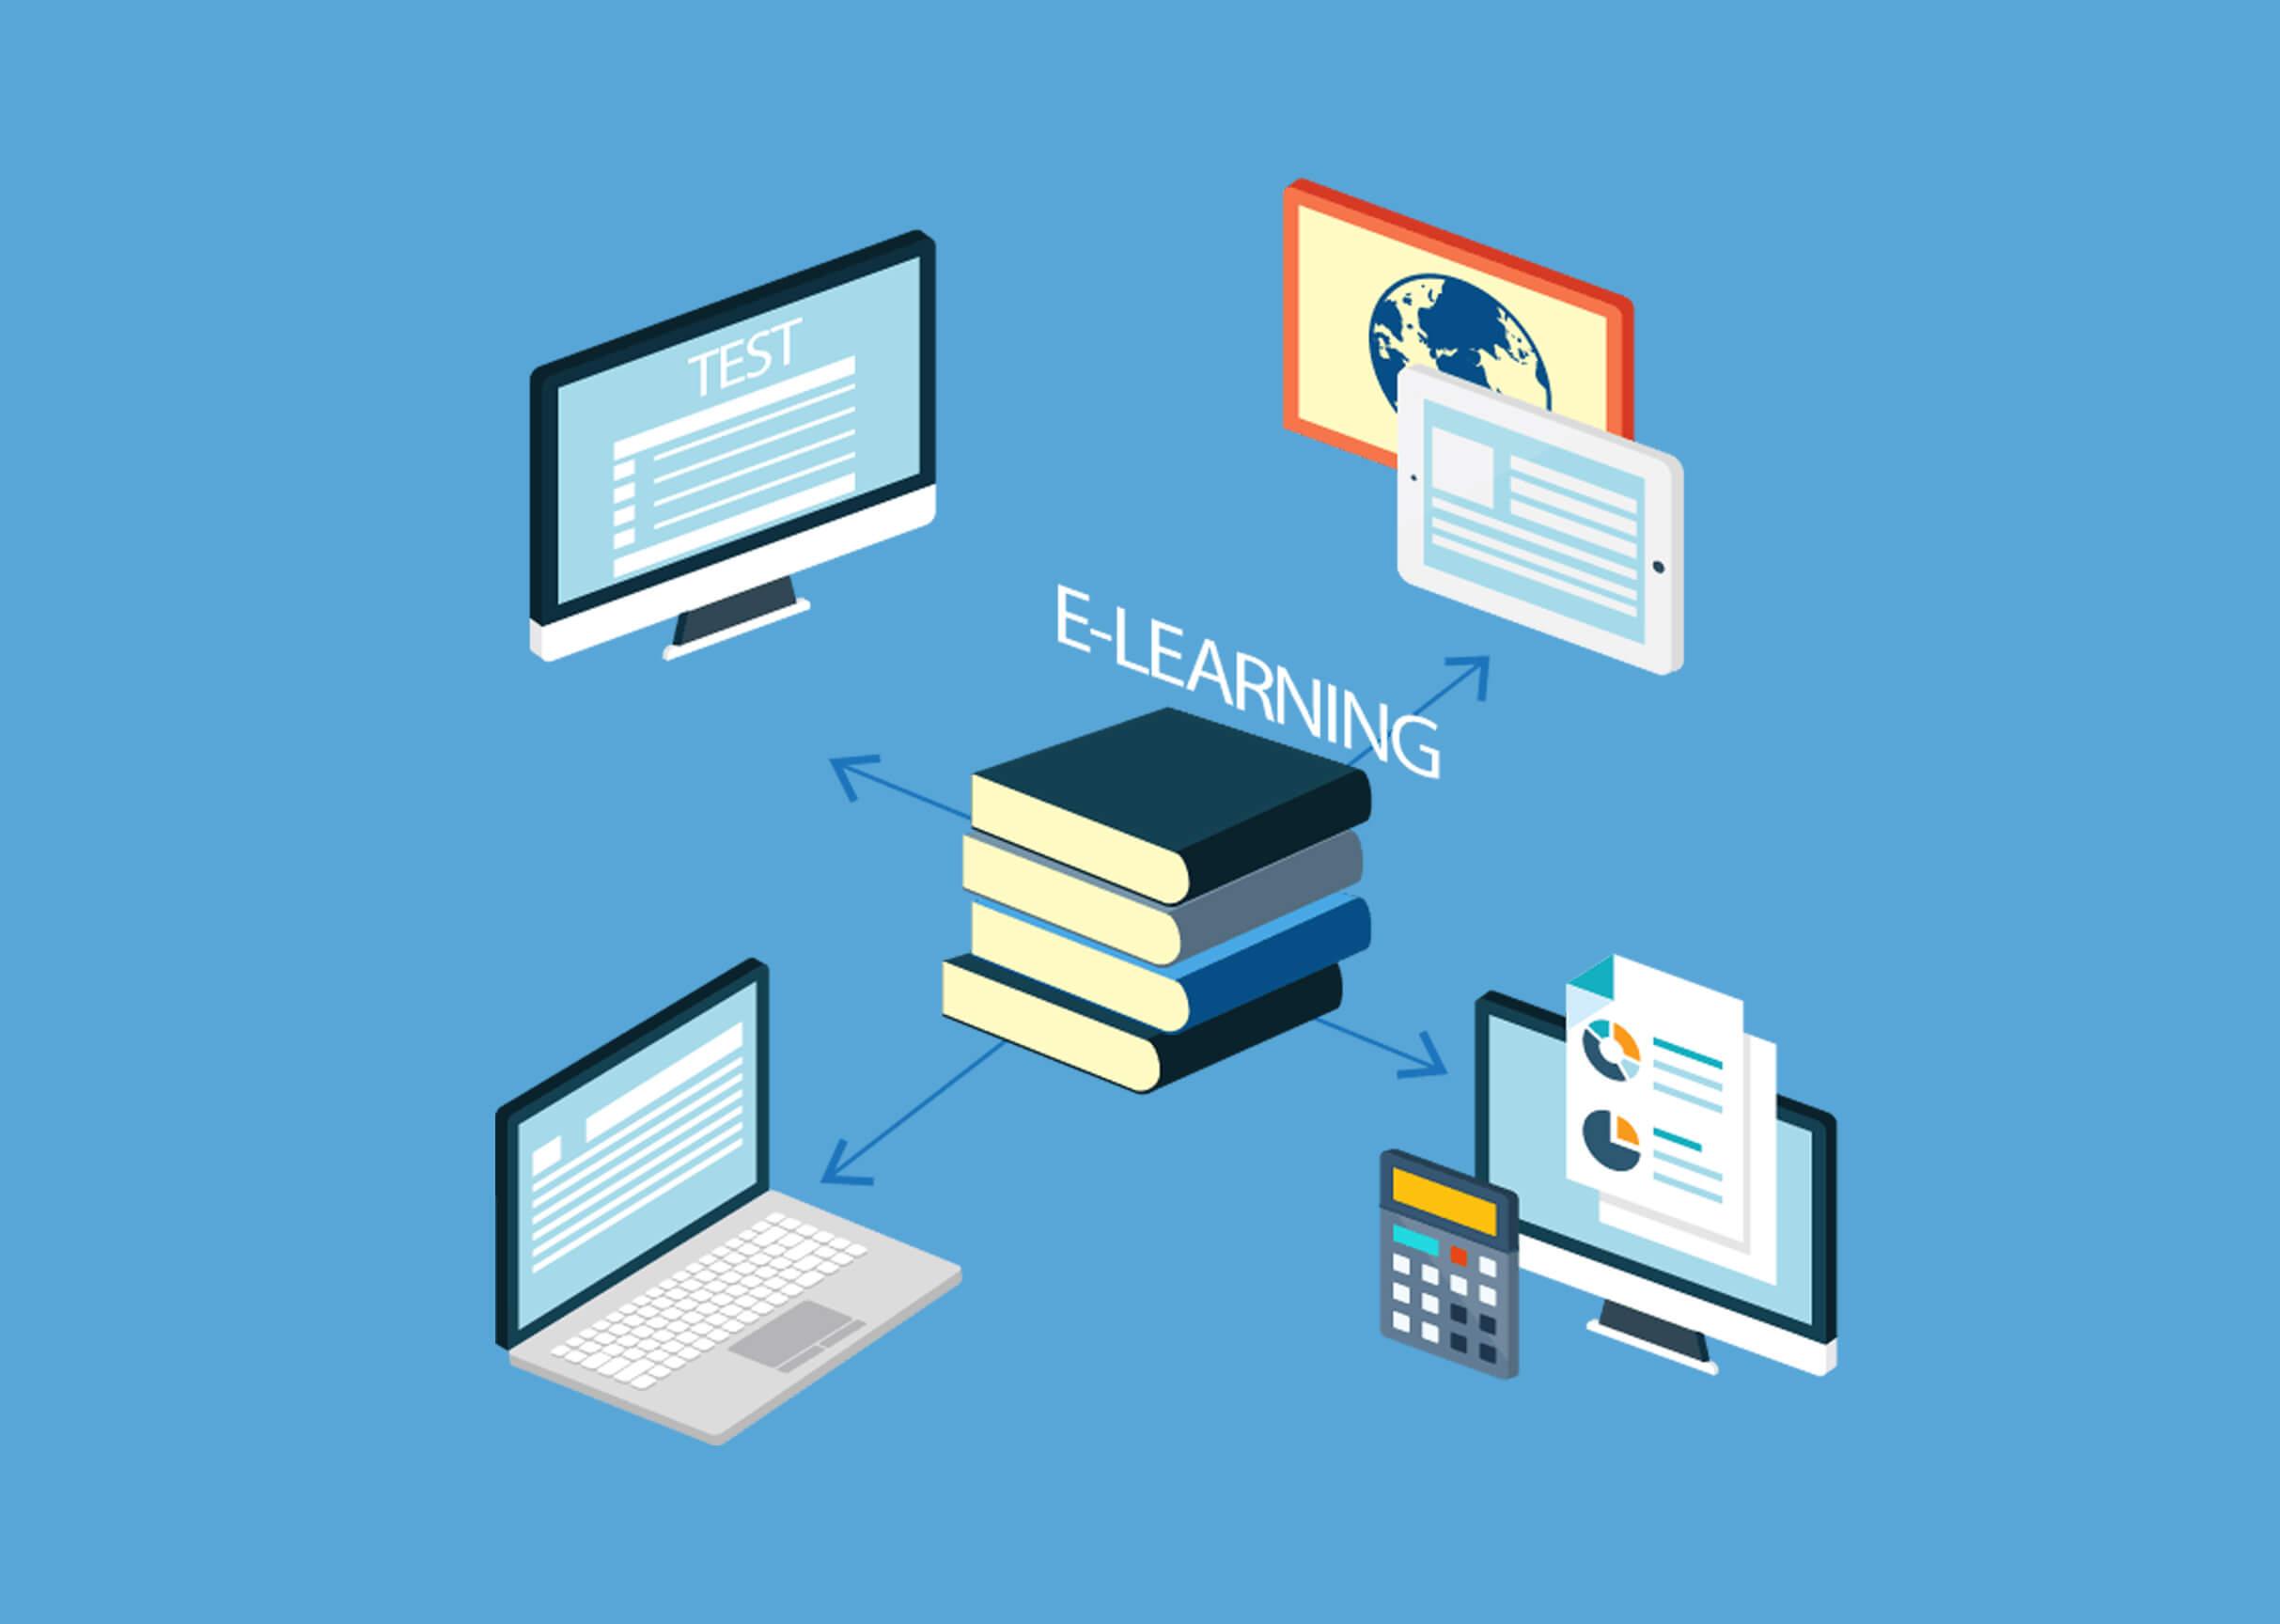 สื่อ e-Learning